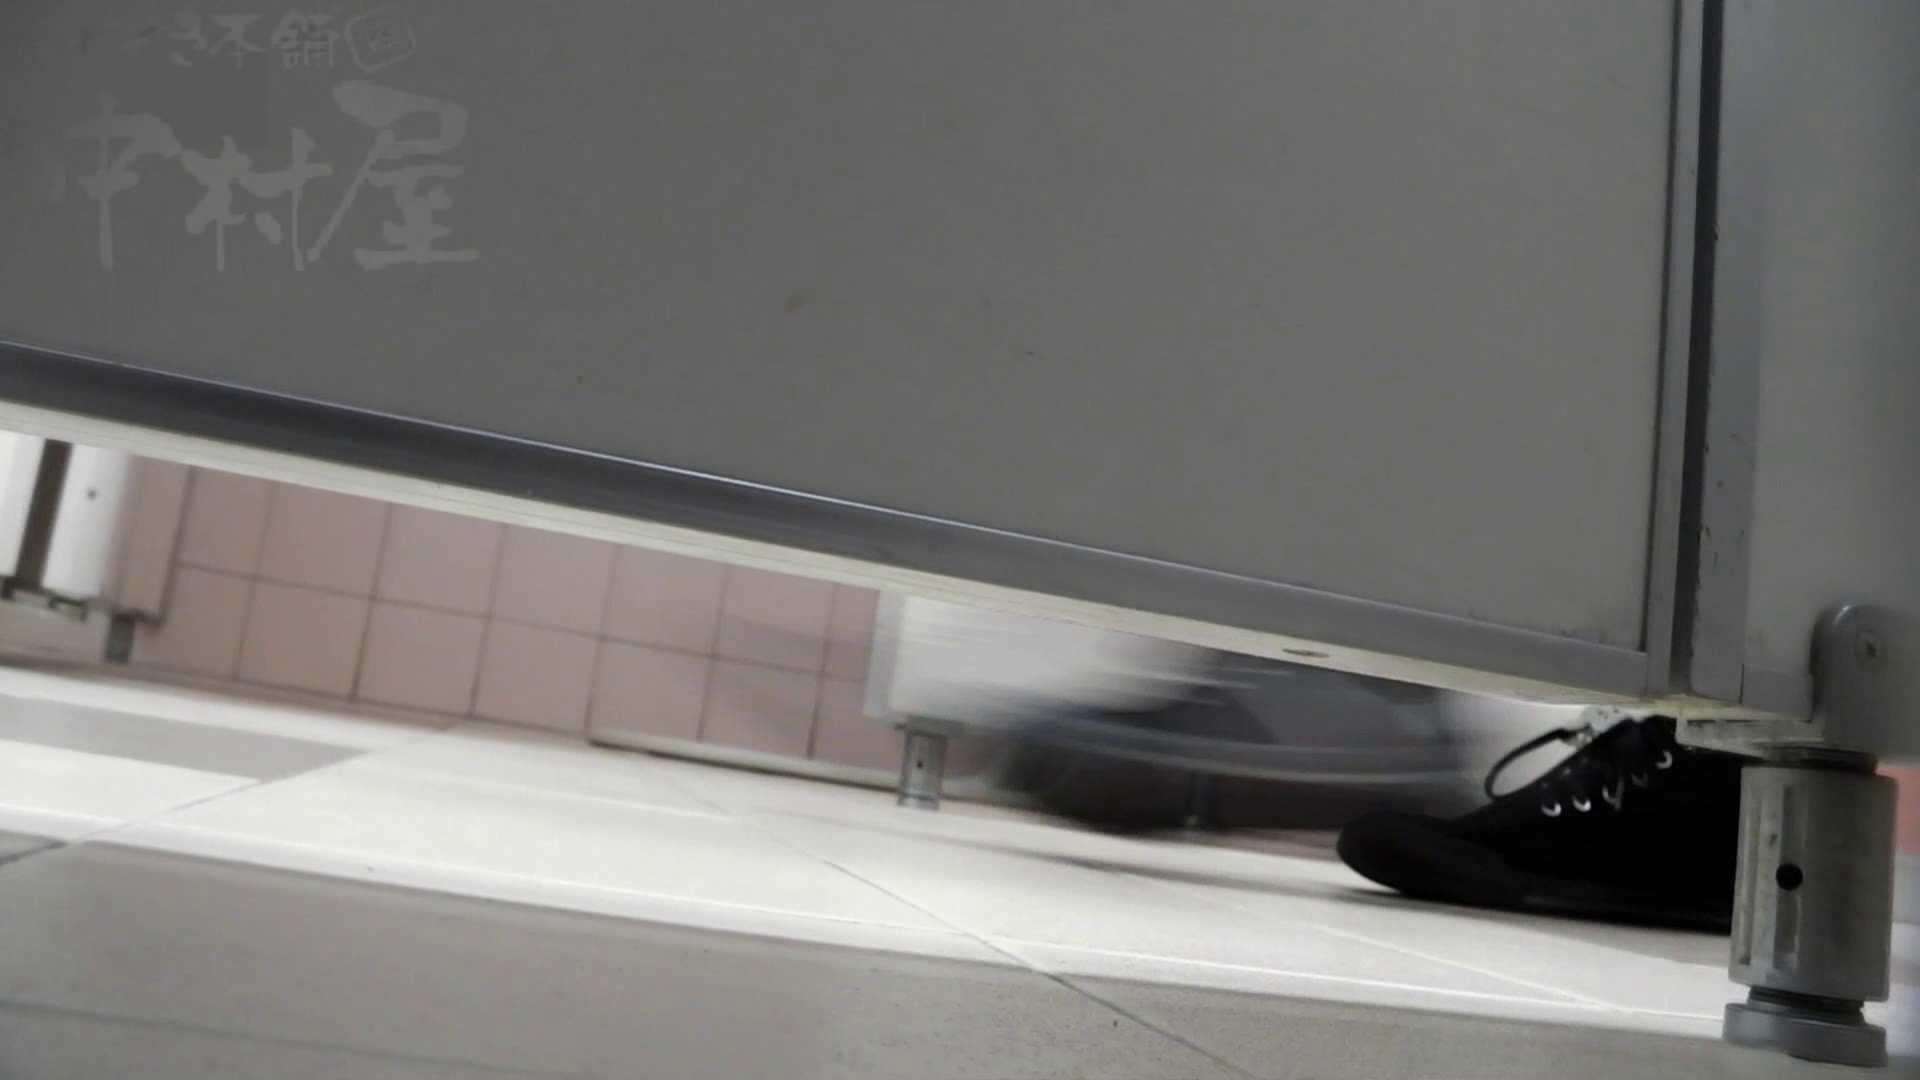 美しい日本の未来 No.06 更に侵入フロント究極な画質 乙女 ワレメ動画紹介 104枚 49